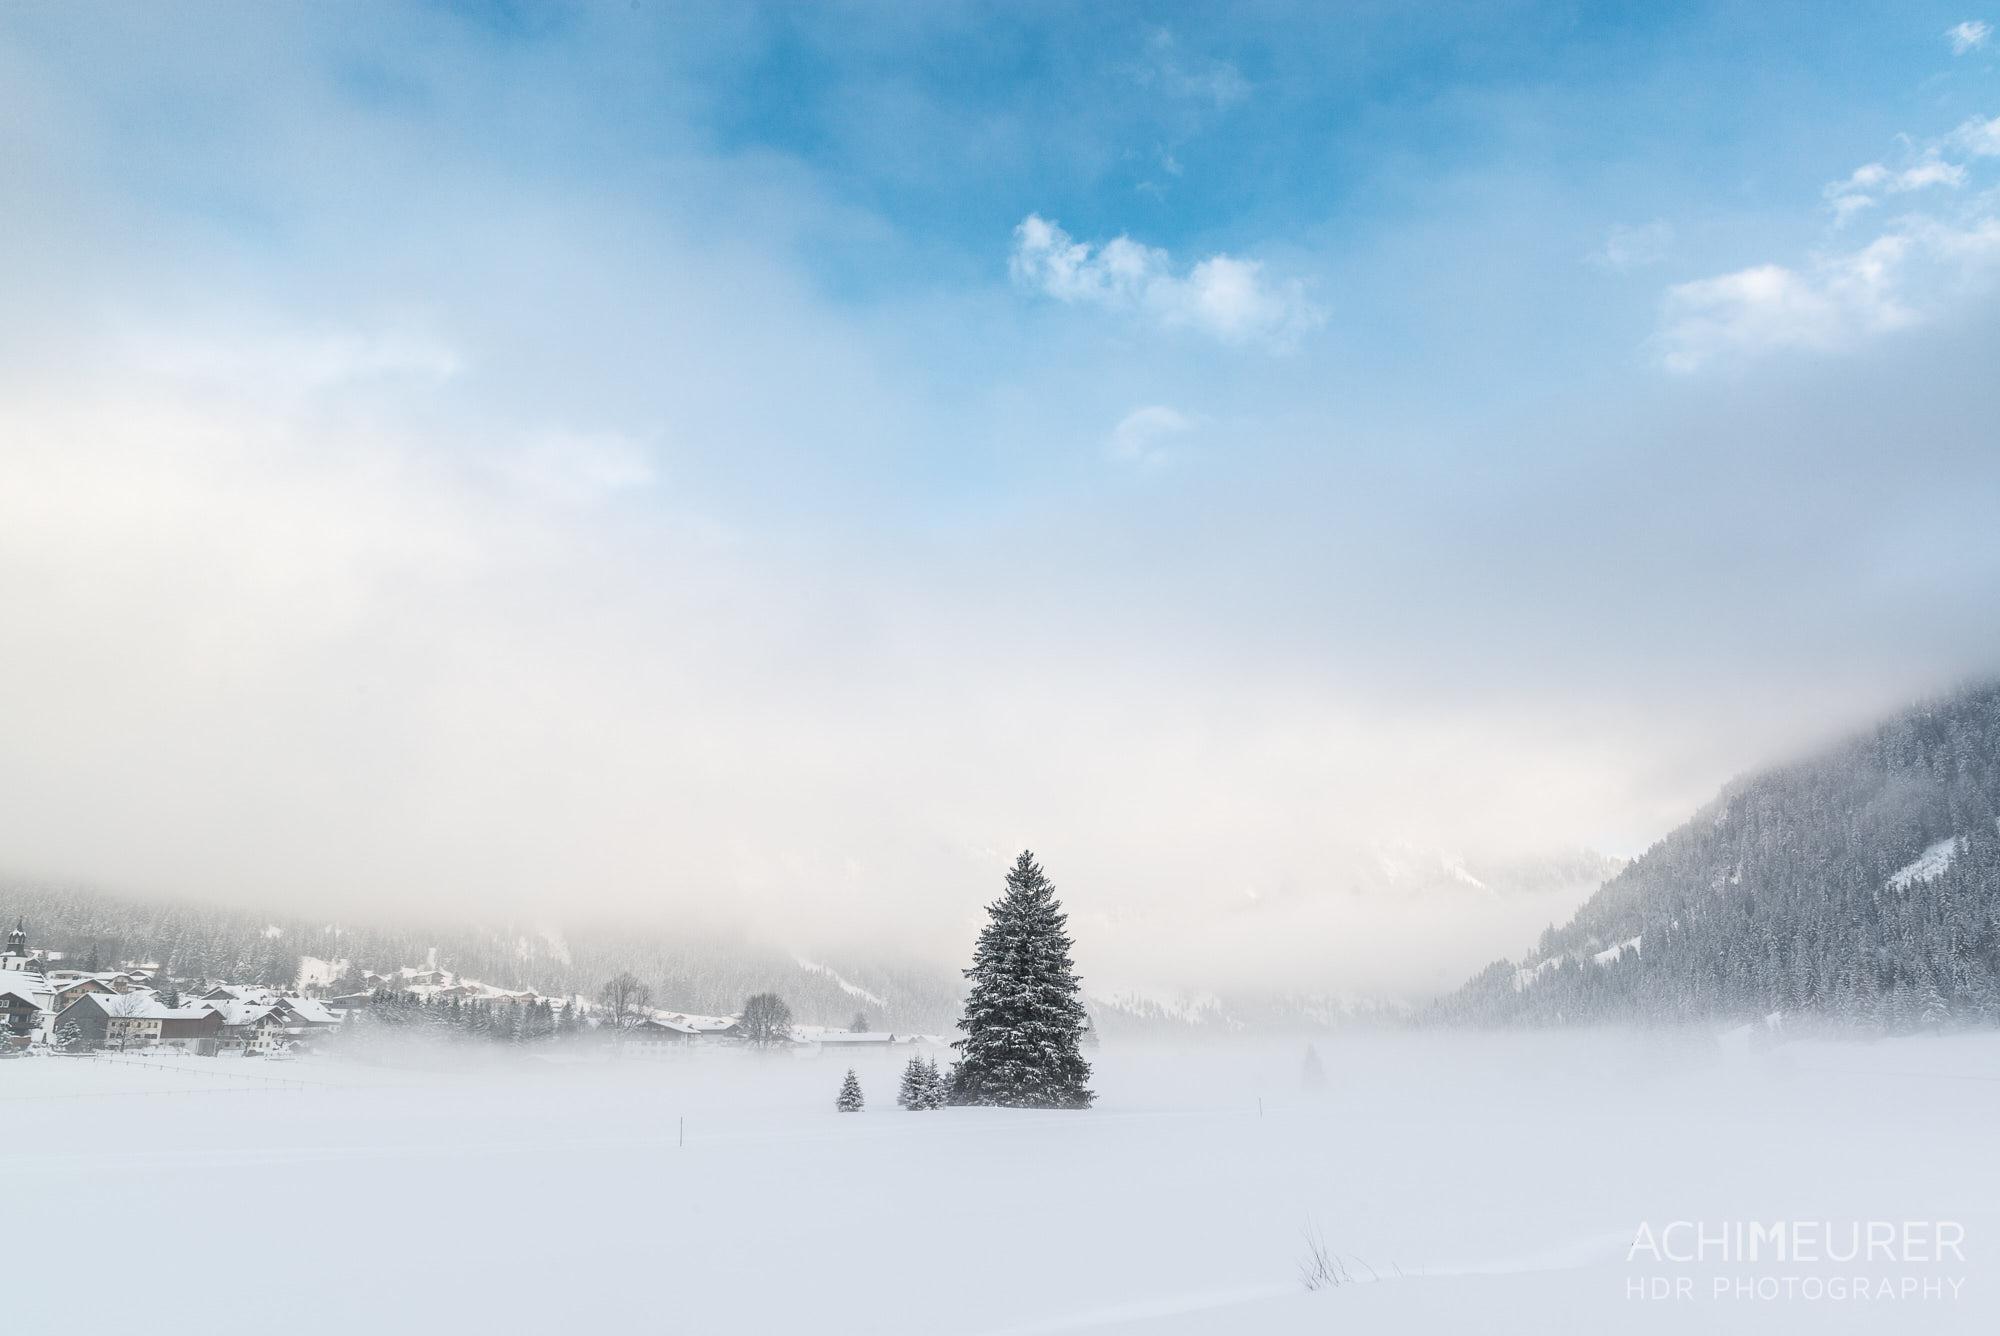 Mystische Stimmung im Tannheimertal in Tirol, Österreich by Array.